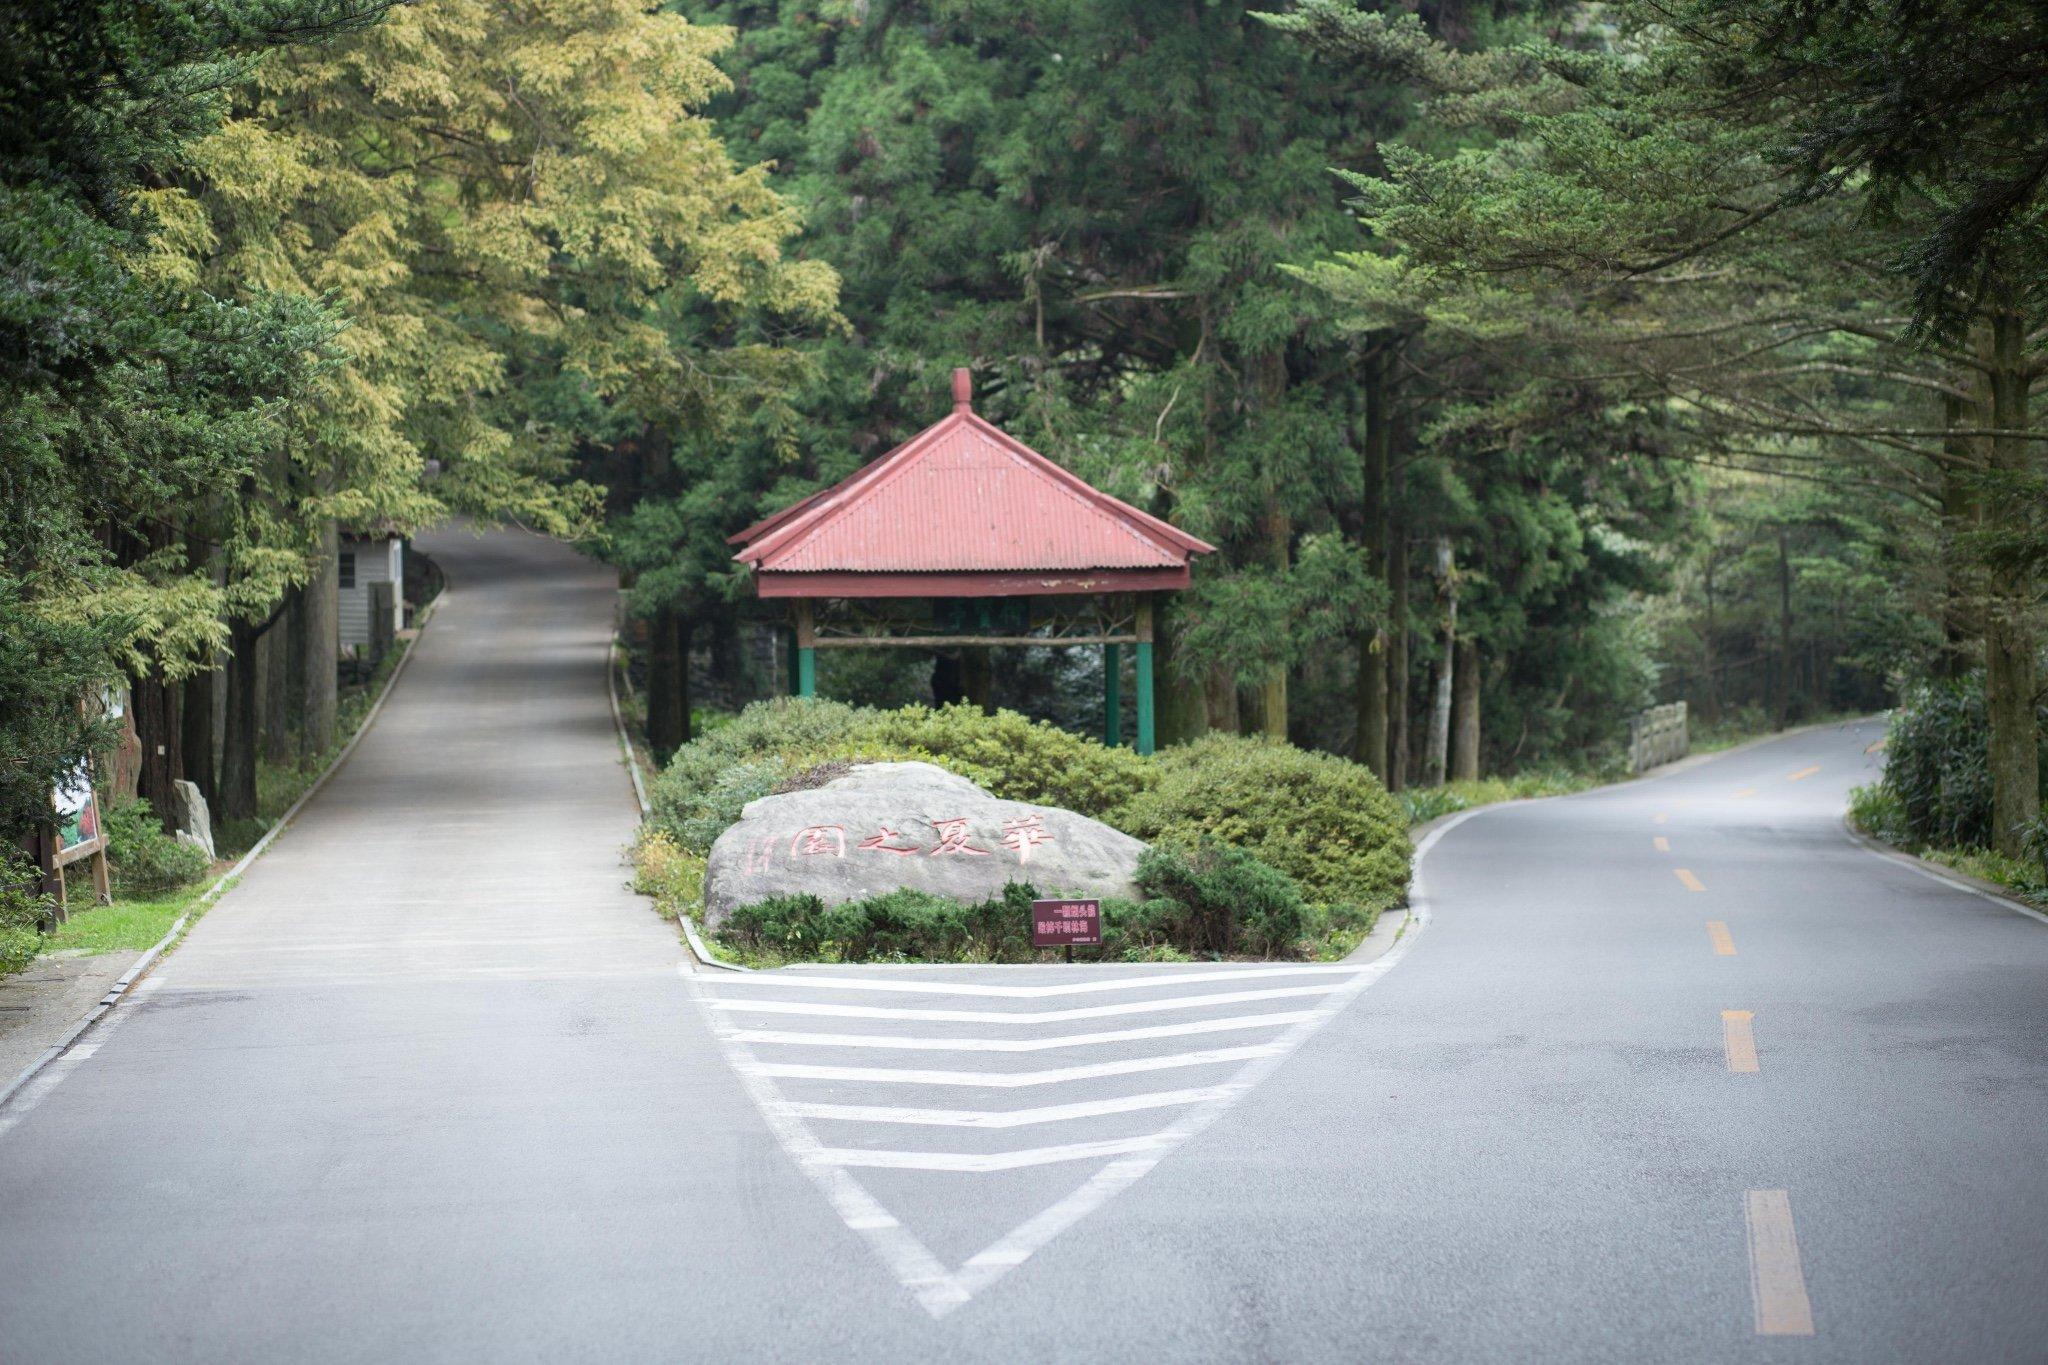 庐山植物园旅游景点图片